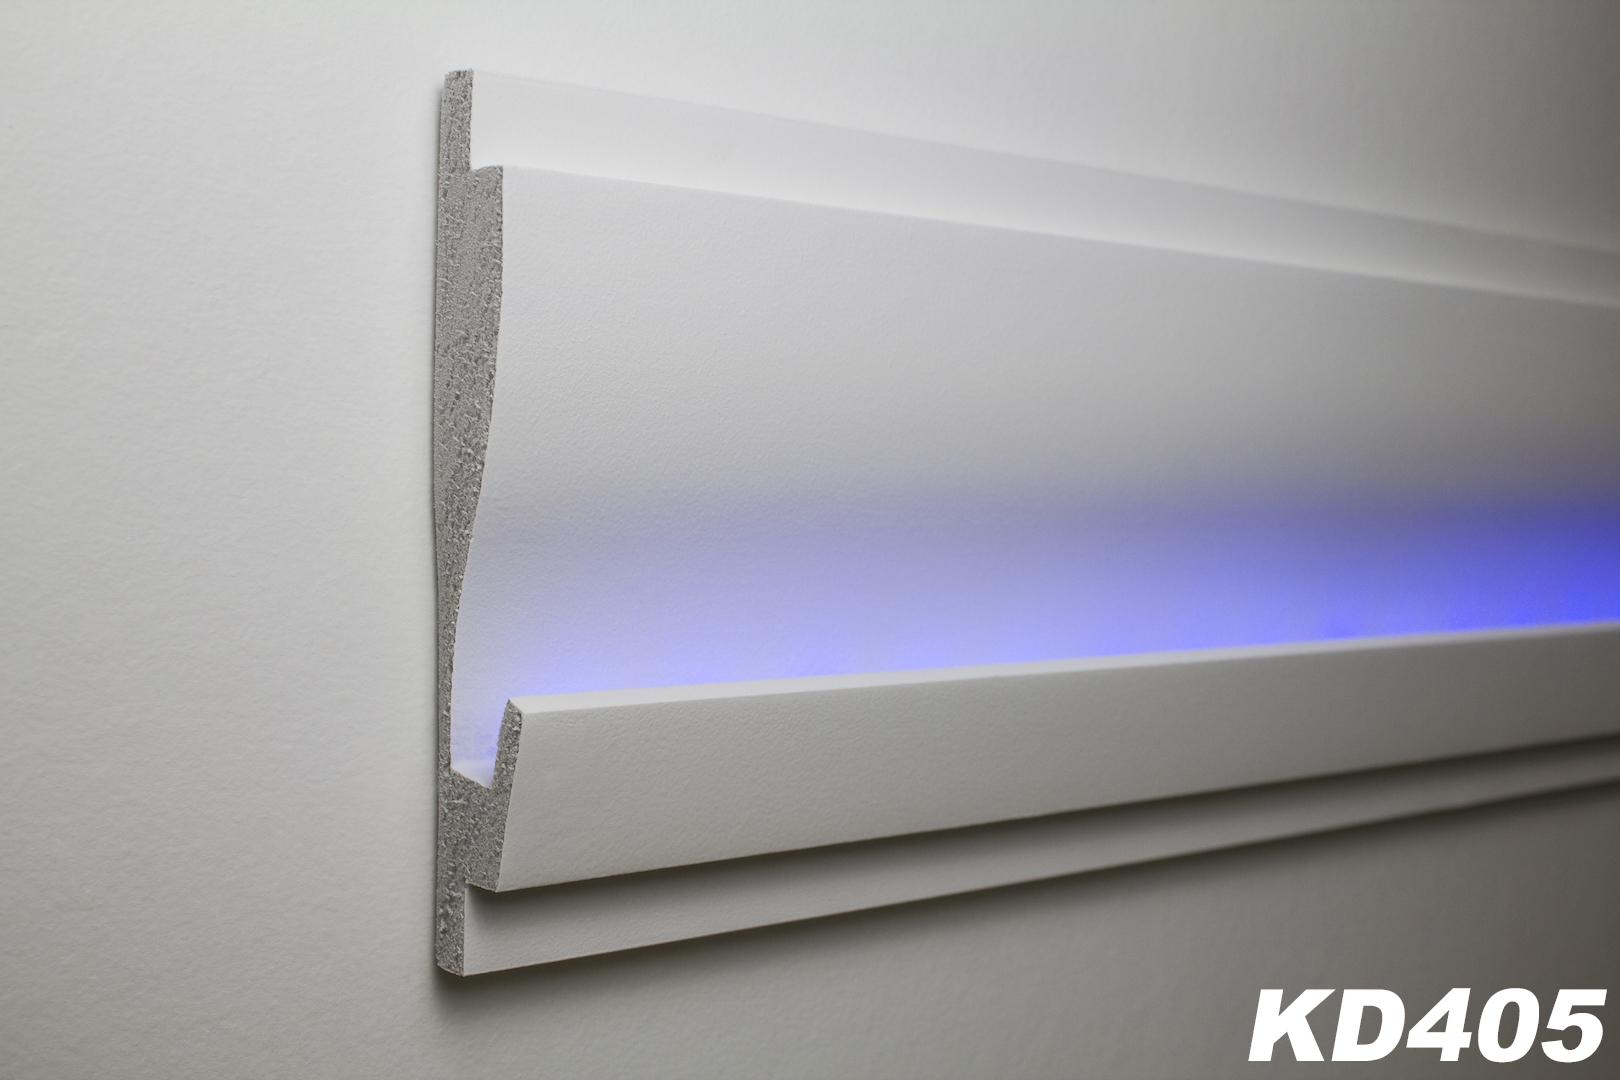 1 15 meter led stuckleiste f r indirekte beleuchtung xps 180x35 kd405 ebay. Black Bedroom Furniture Sets. Home Design Ideas